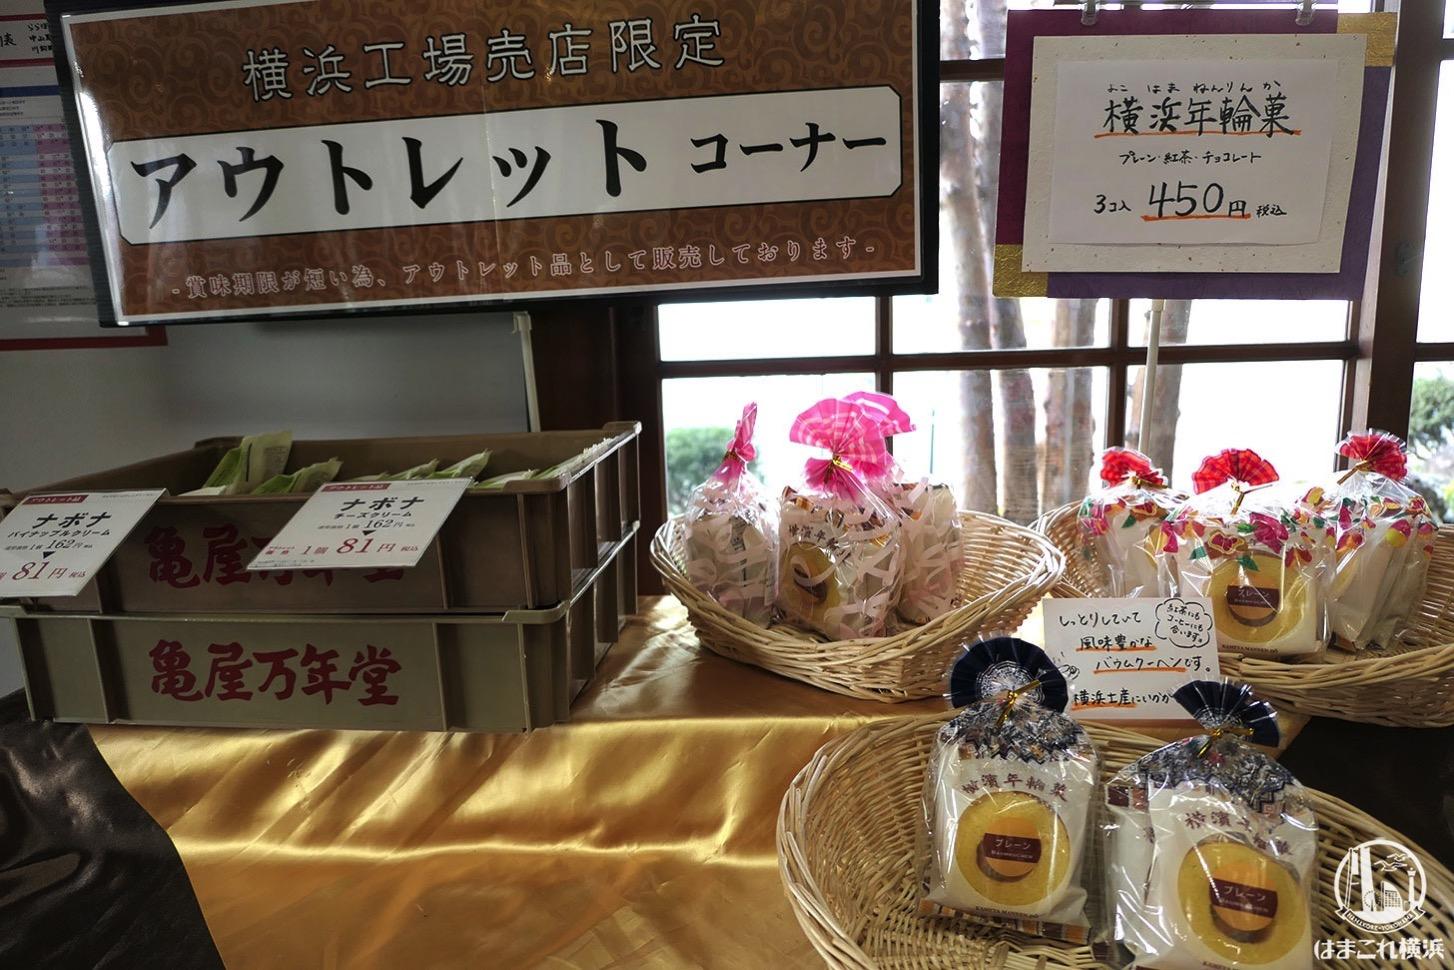 亀屋万年堂 横浜工場直売店 アウトレット